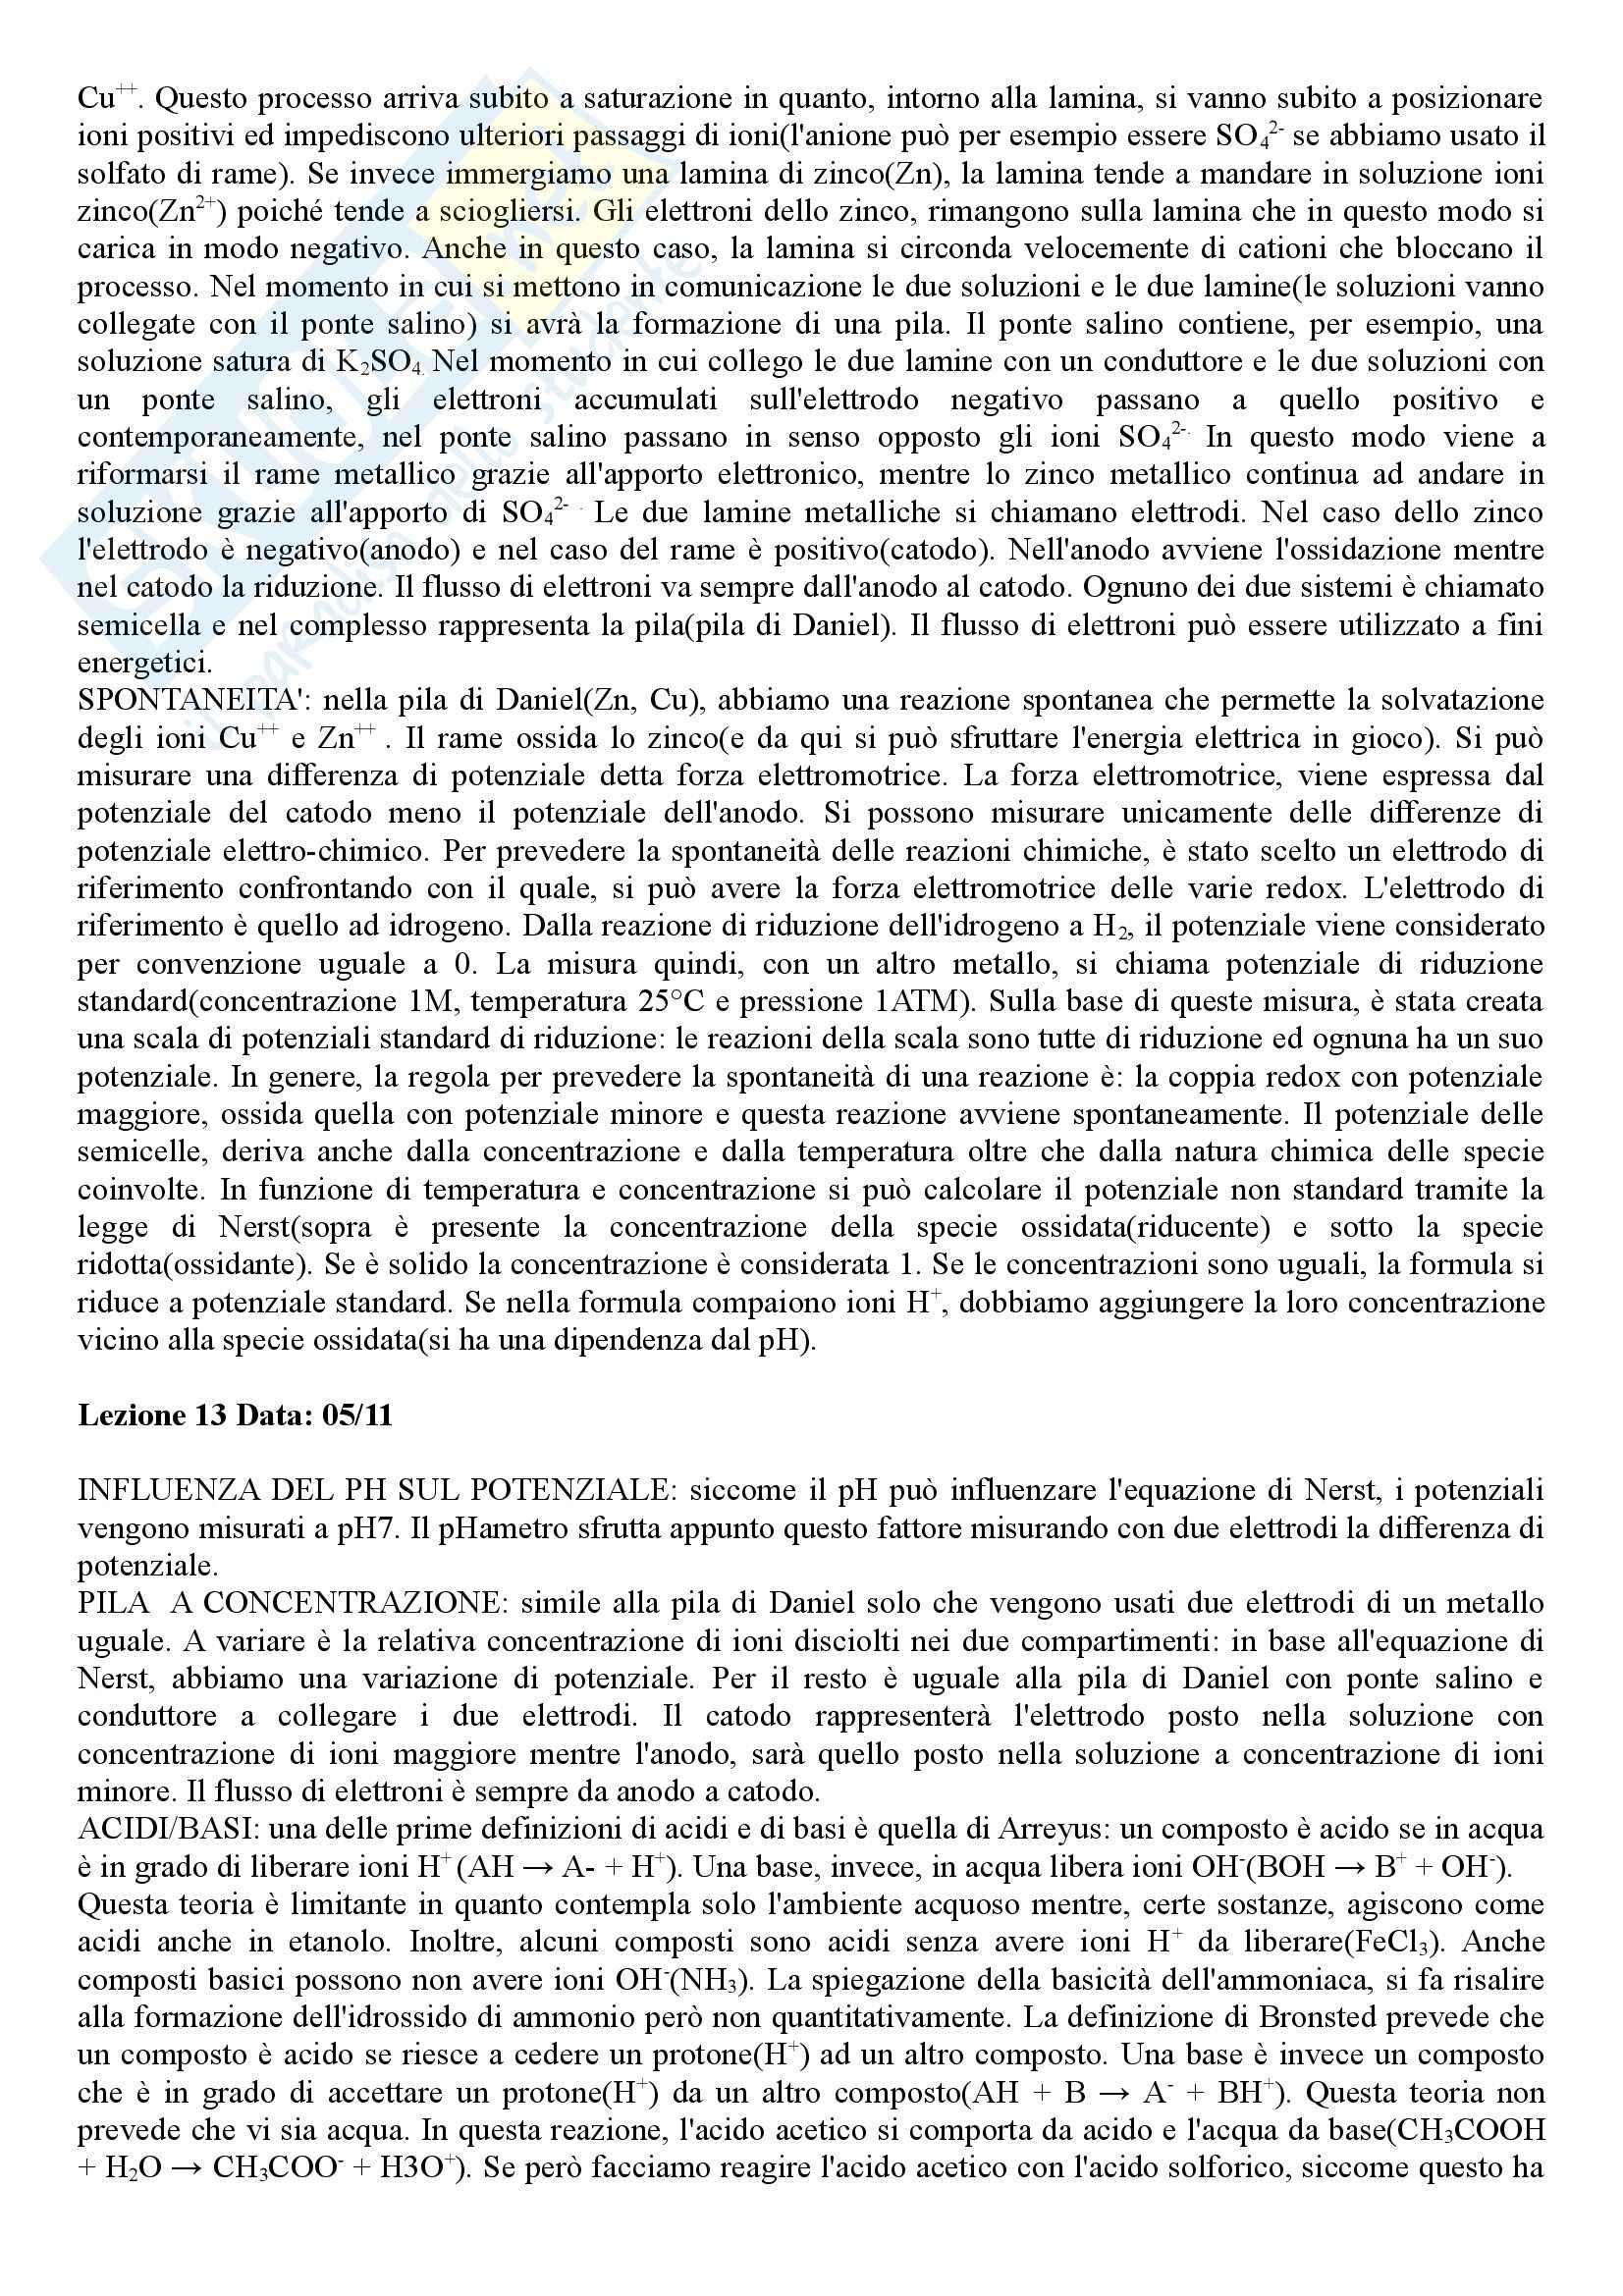 Chimica e Propedeutica biochimica - Appunti Pag. 11